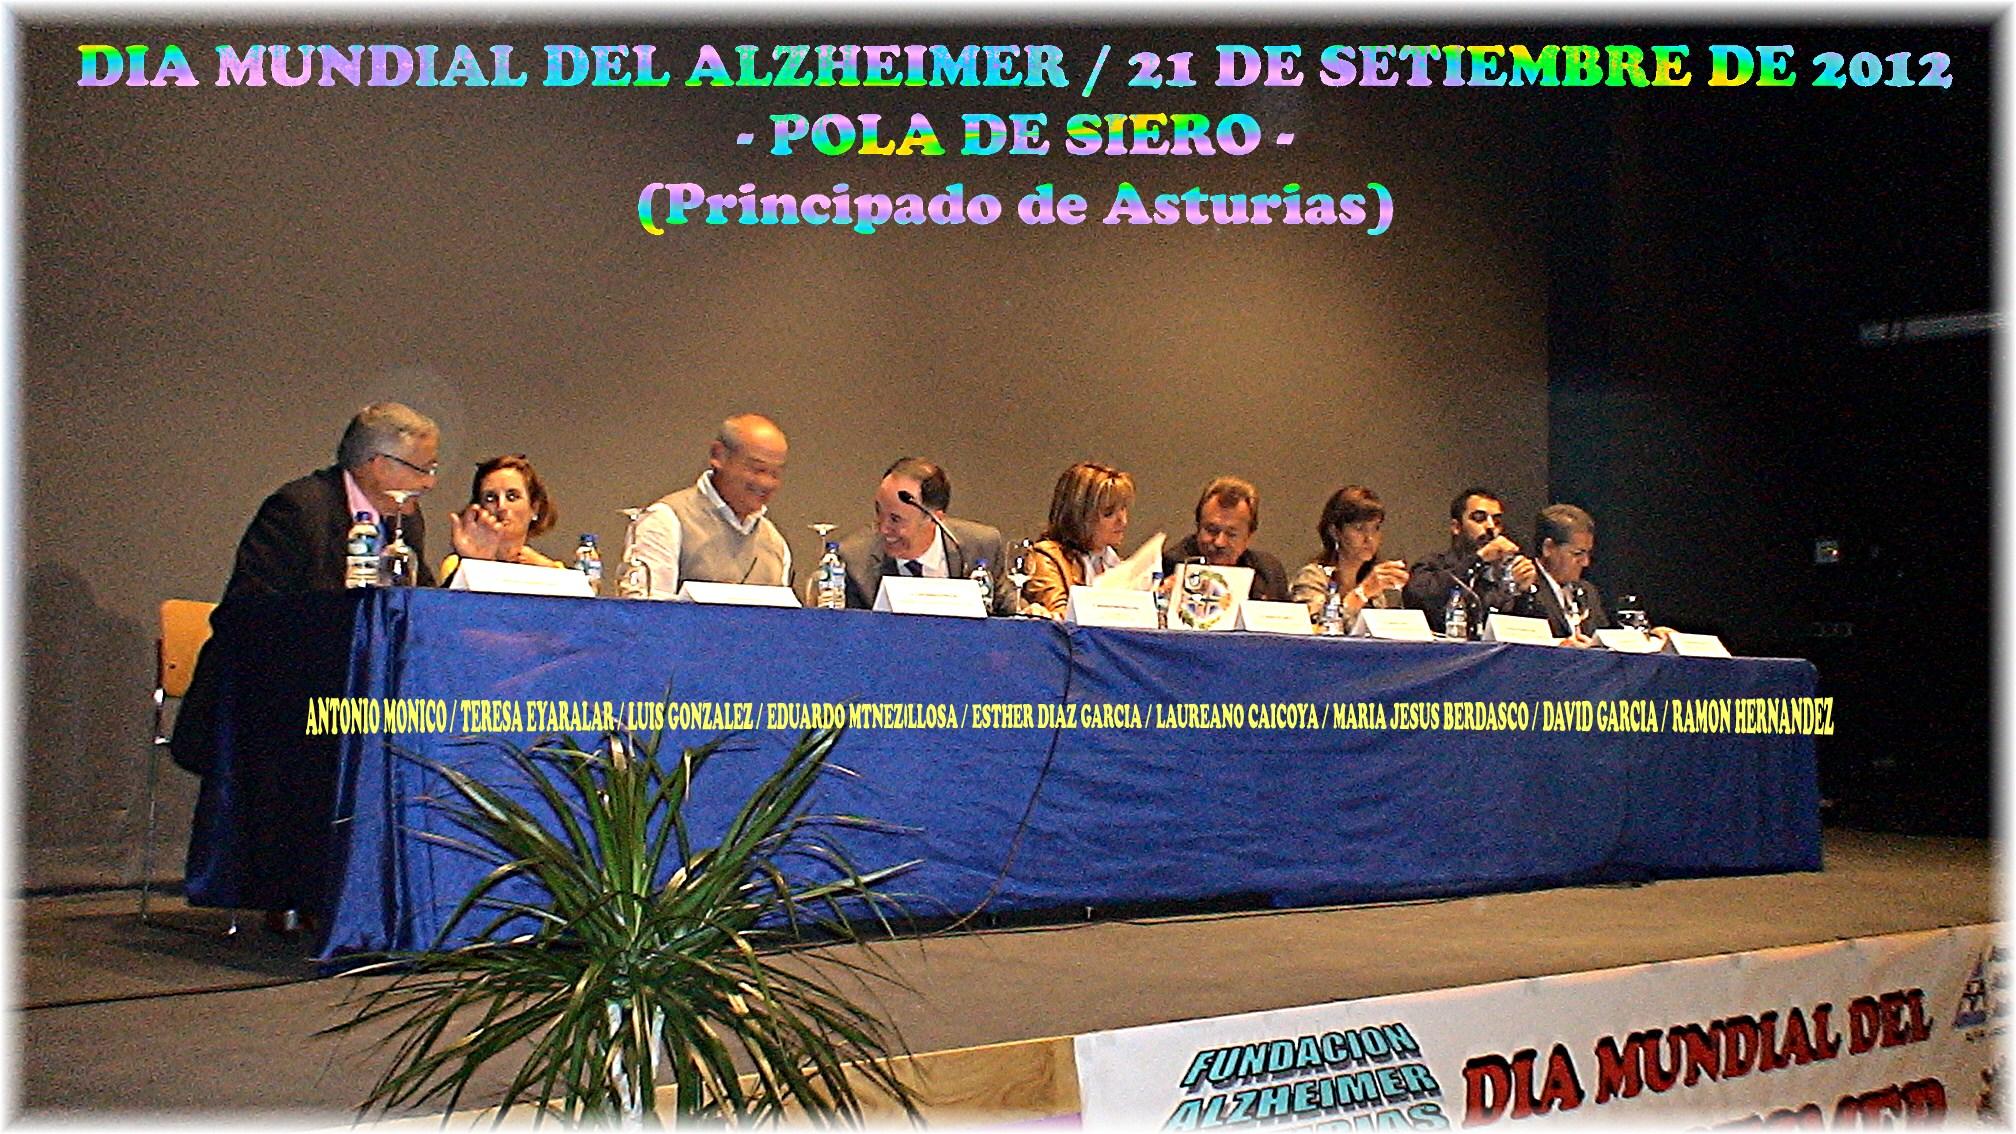 dia-mundial-del-alzheimer-2012-1